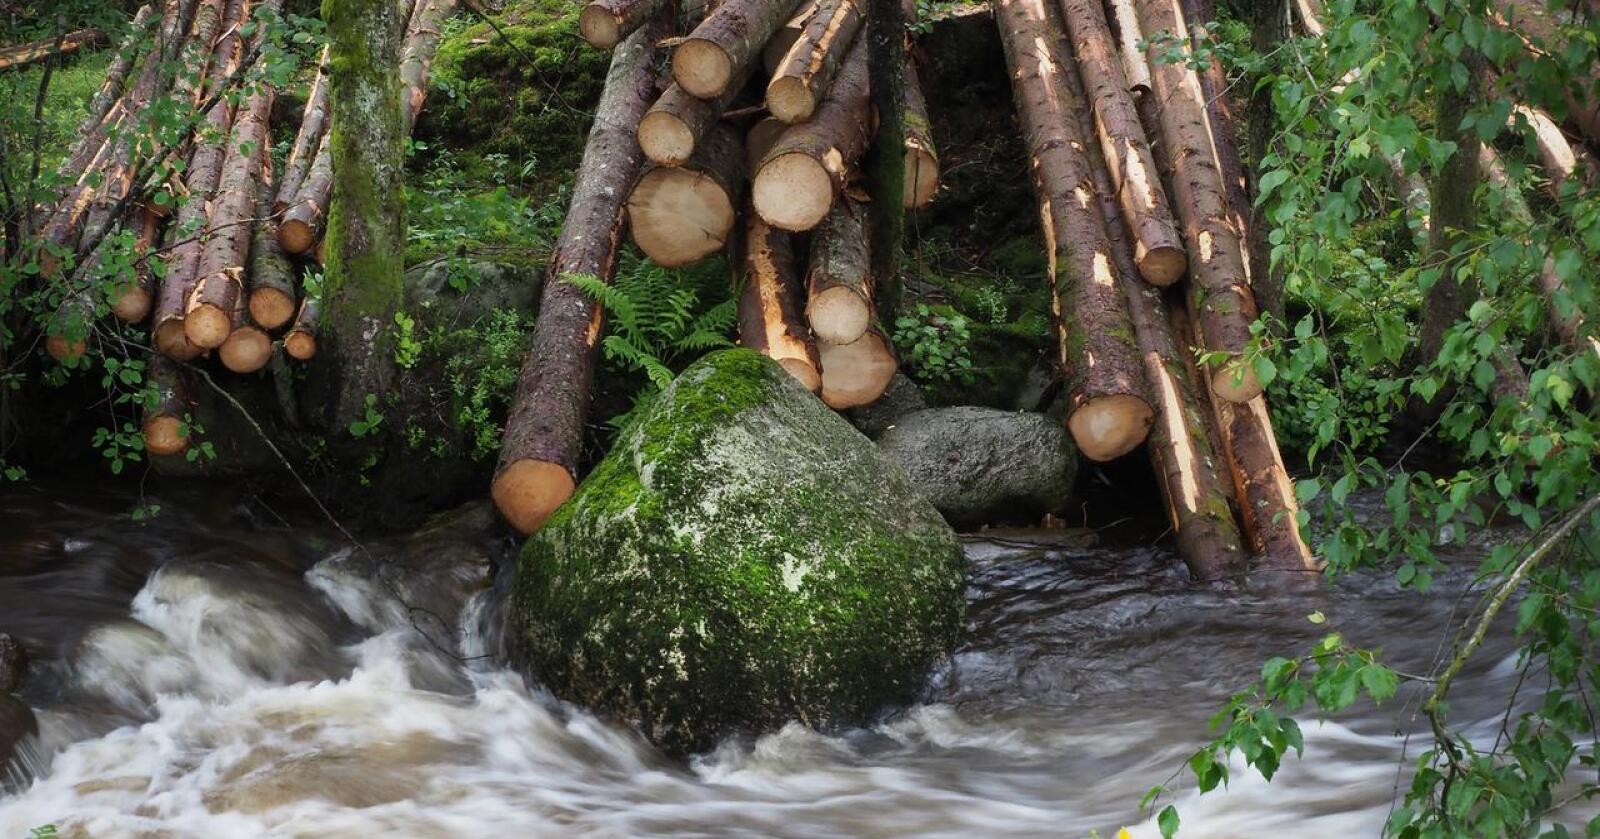 Den påtroppende regjeringen sier de vil satse mer på skog, skogindustri og klimaeffekten den kan ha. Foto: Siri Juell Rasmussen